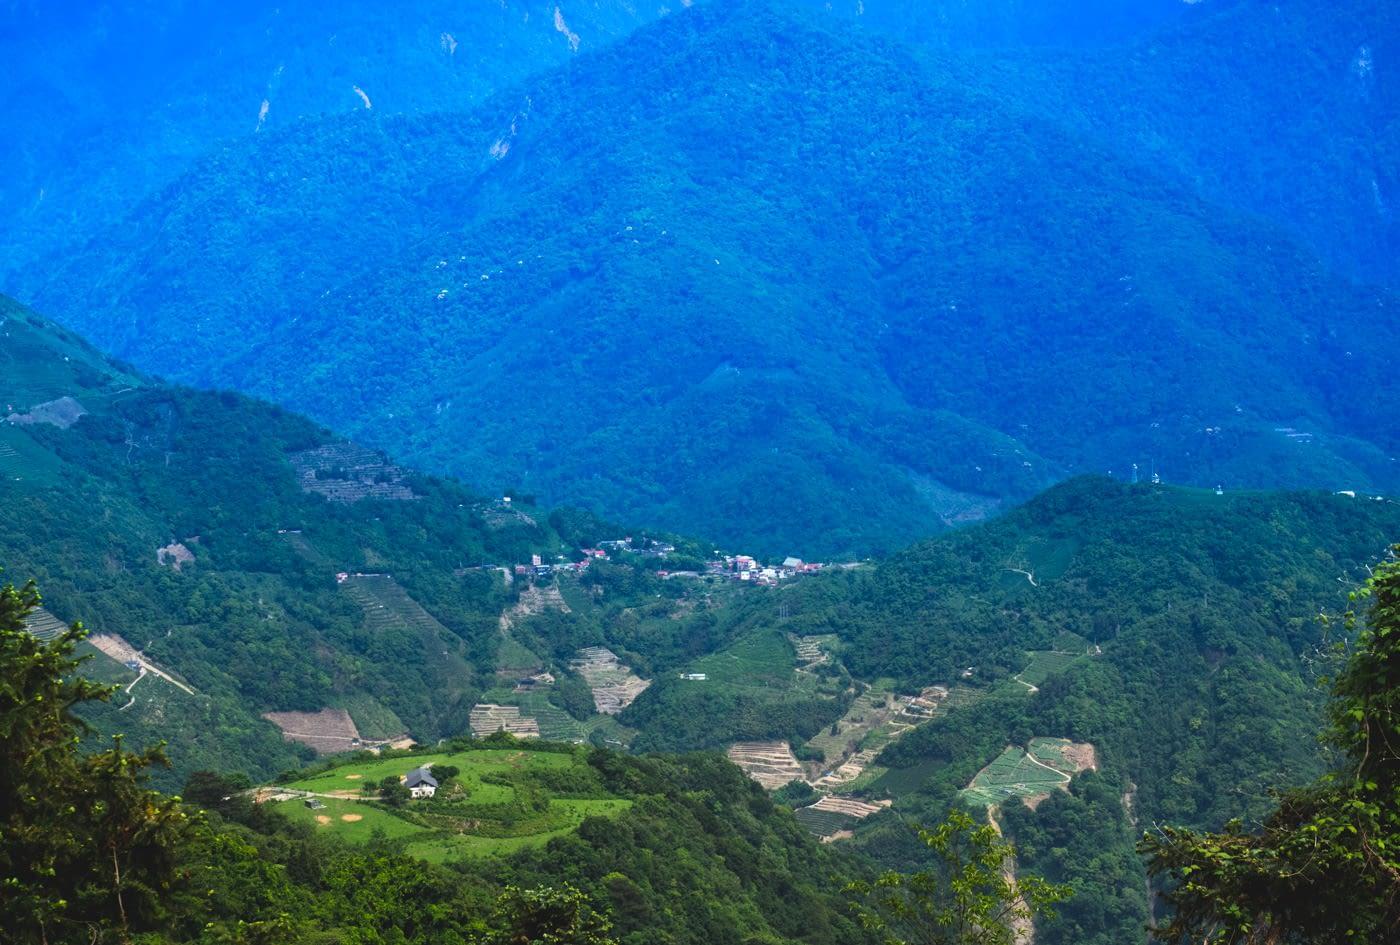 Taiwan - Qingjing - Overview 3